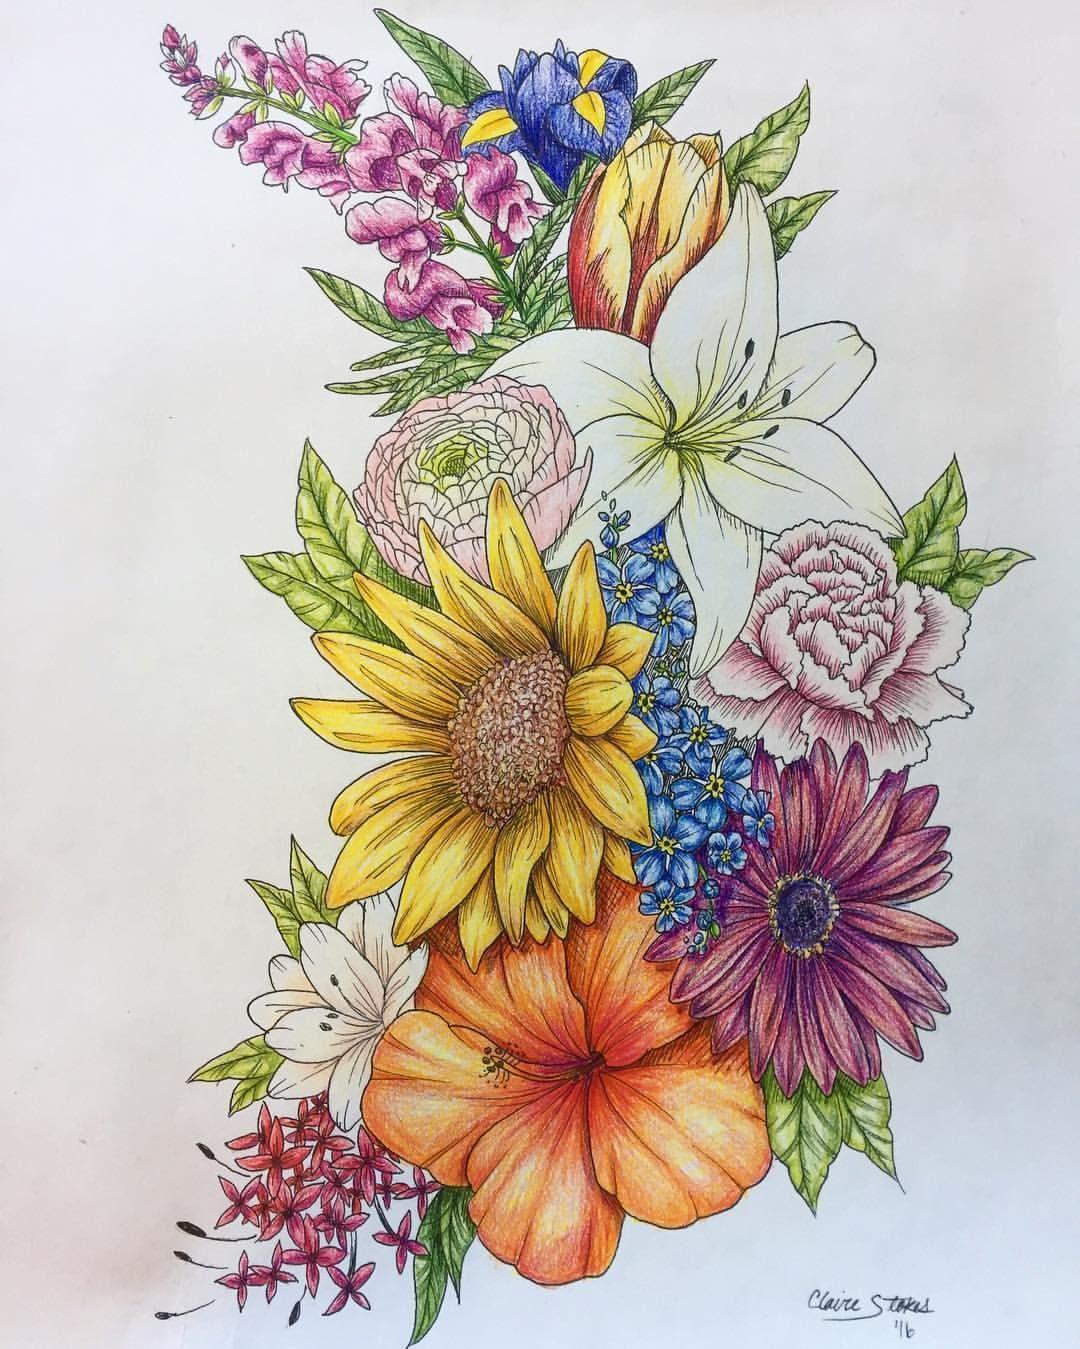 107 Likes, 7 Comments Claire Stewart (clairestewartart